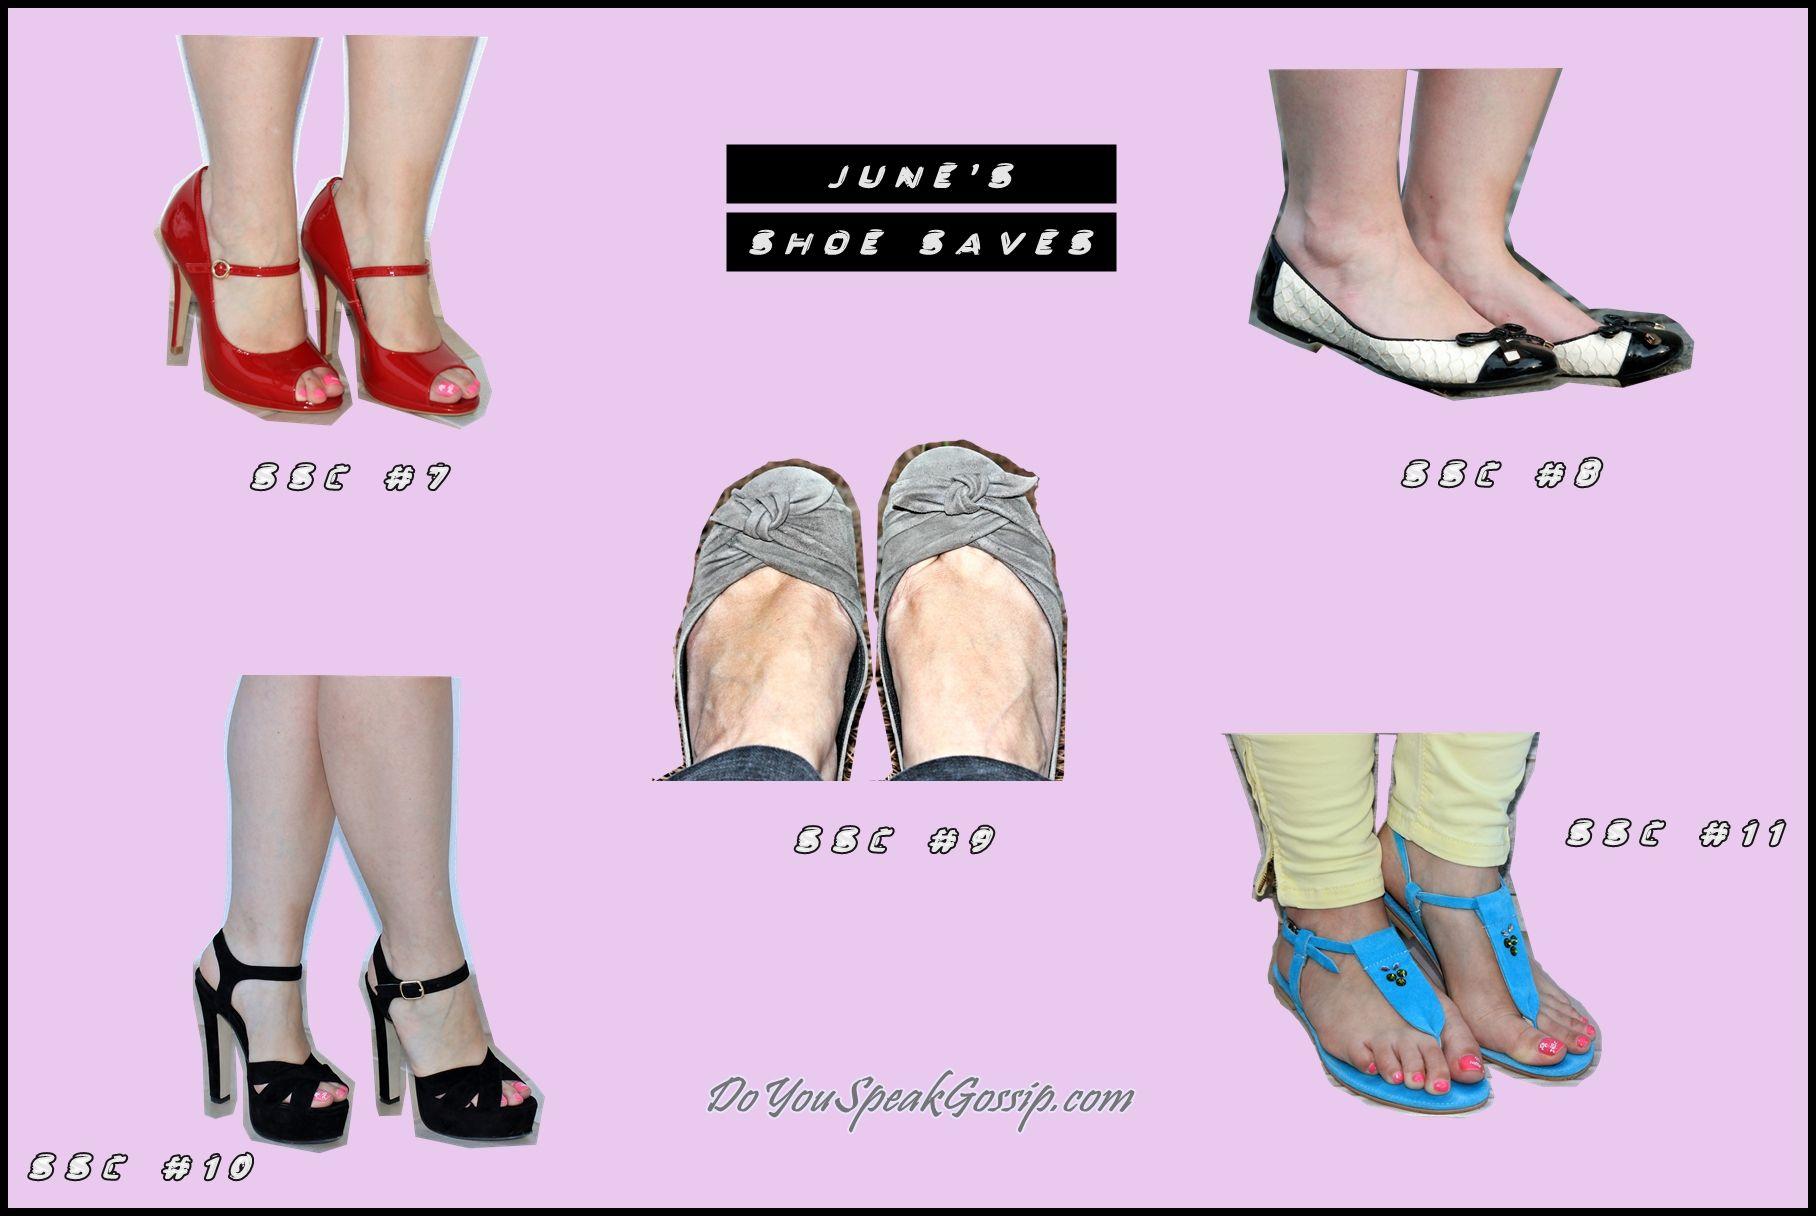 June's shoe saves - DoYouSpeakGossip.com